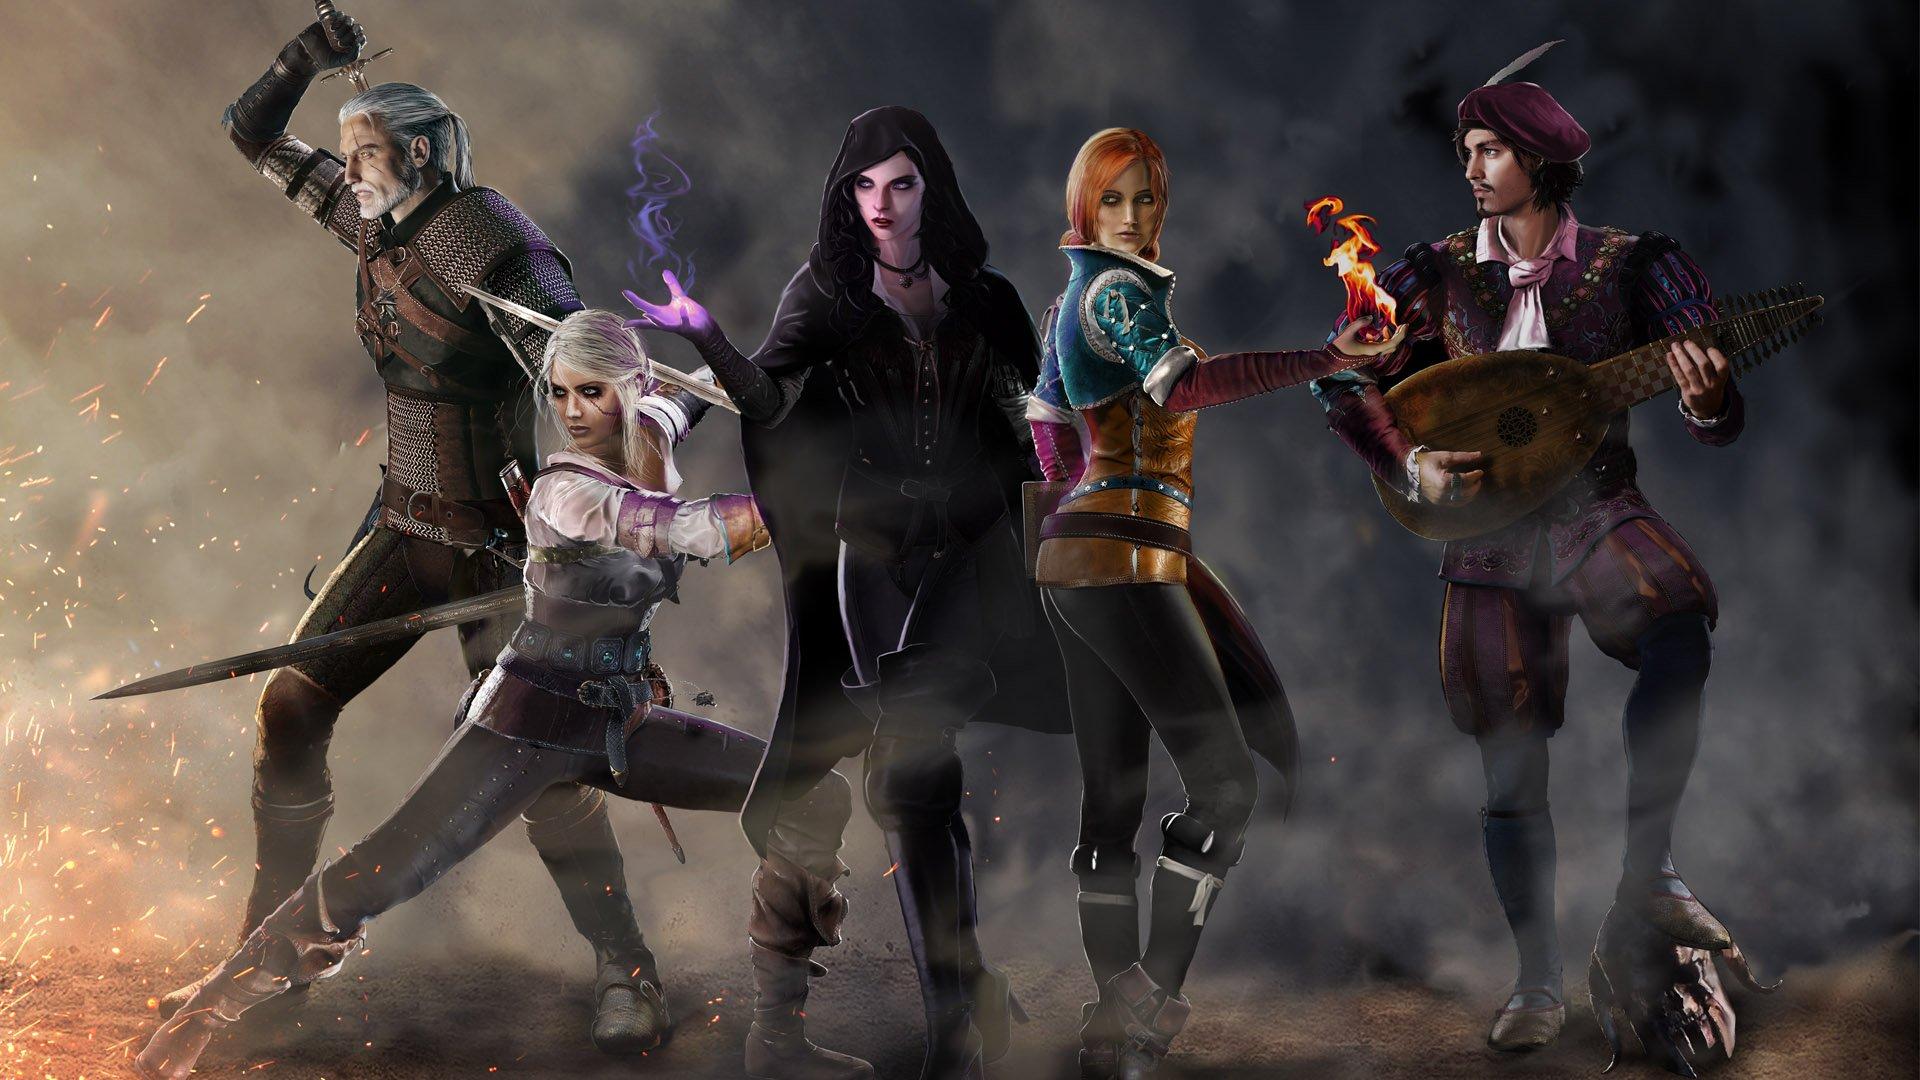 Комикс - Witcher 3: Wild Hunt, the